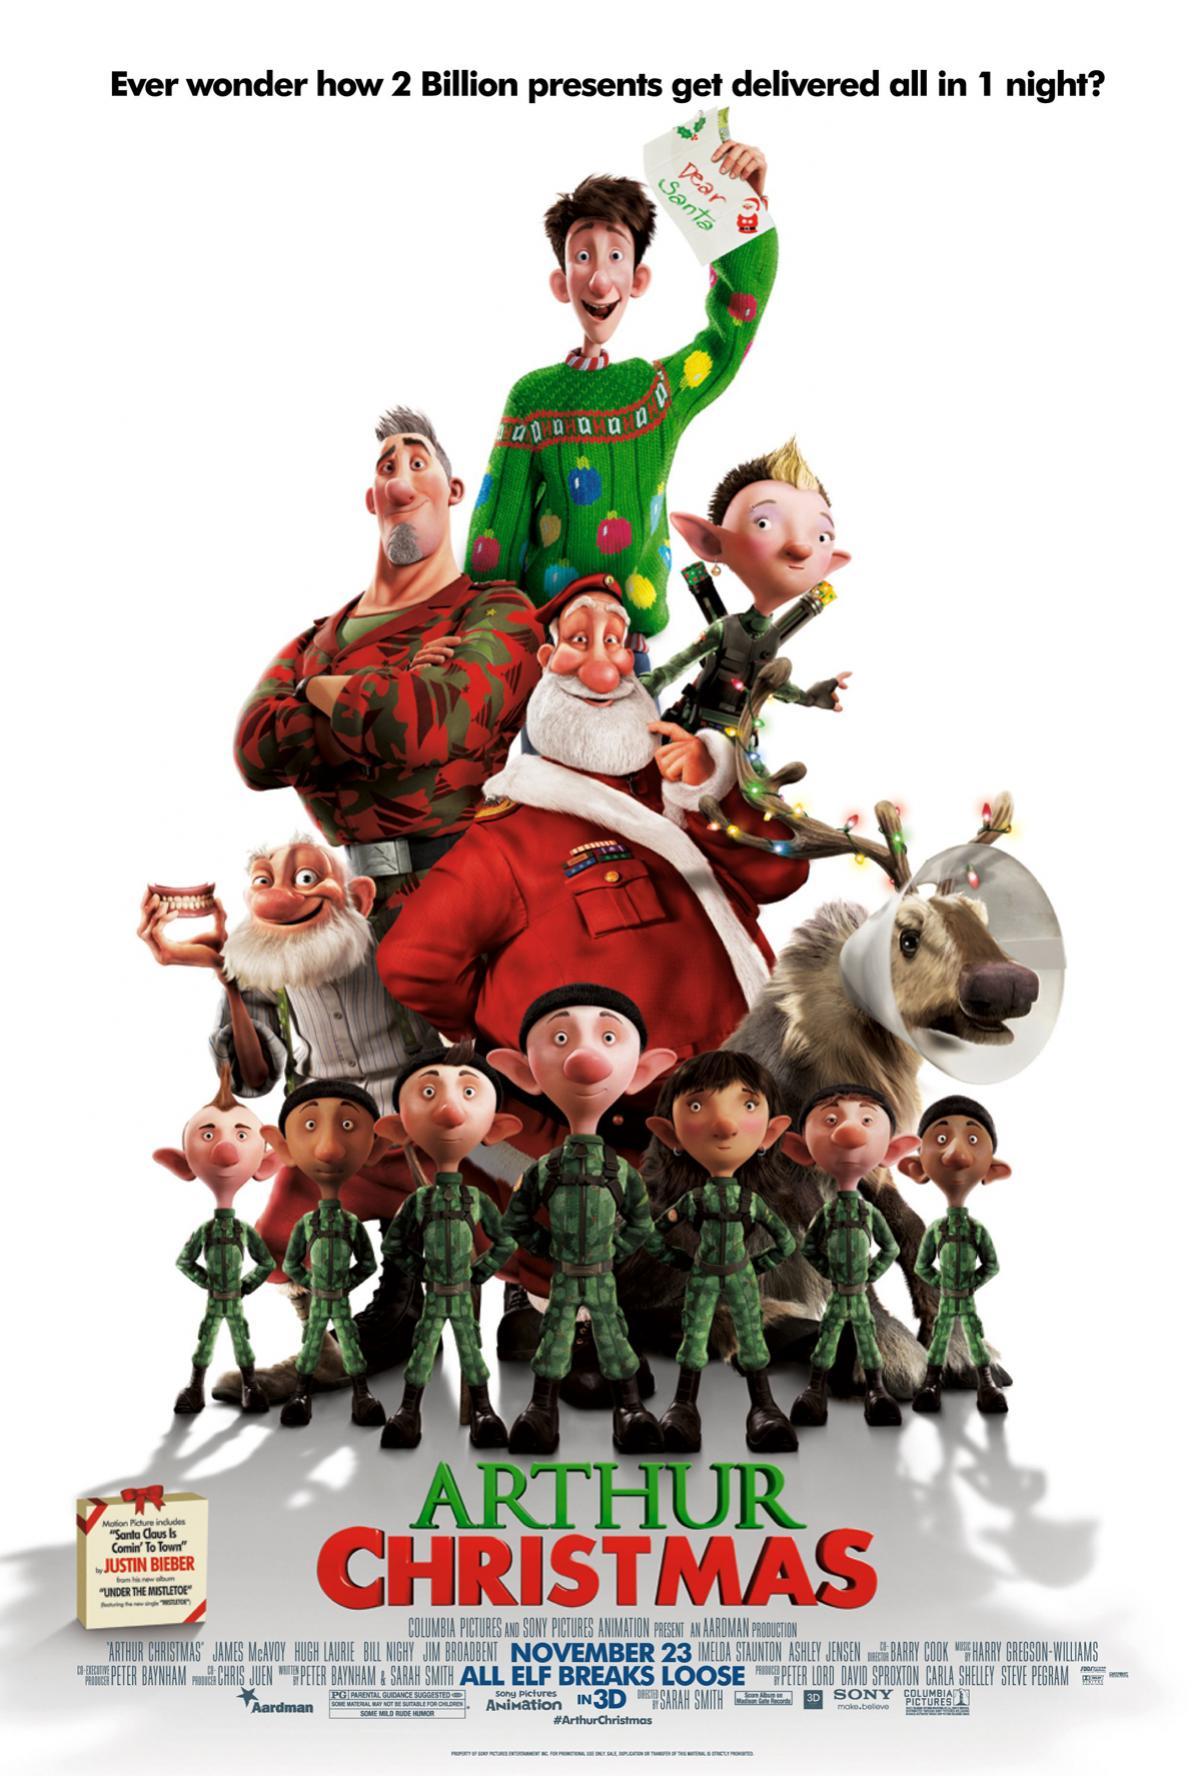 Arthur-Christmas-poster-2.jpg